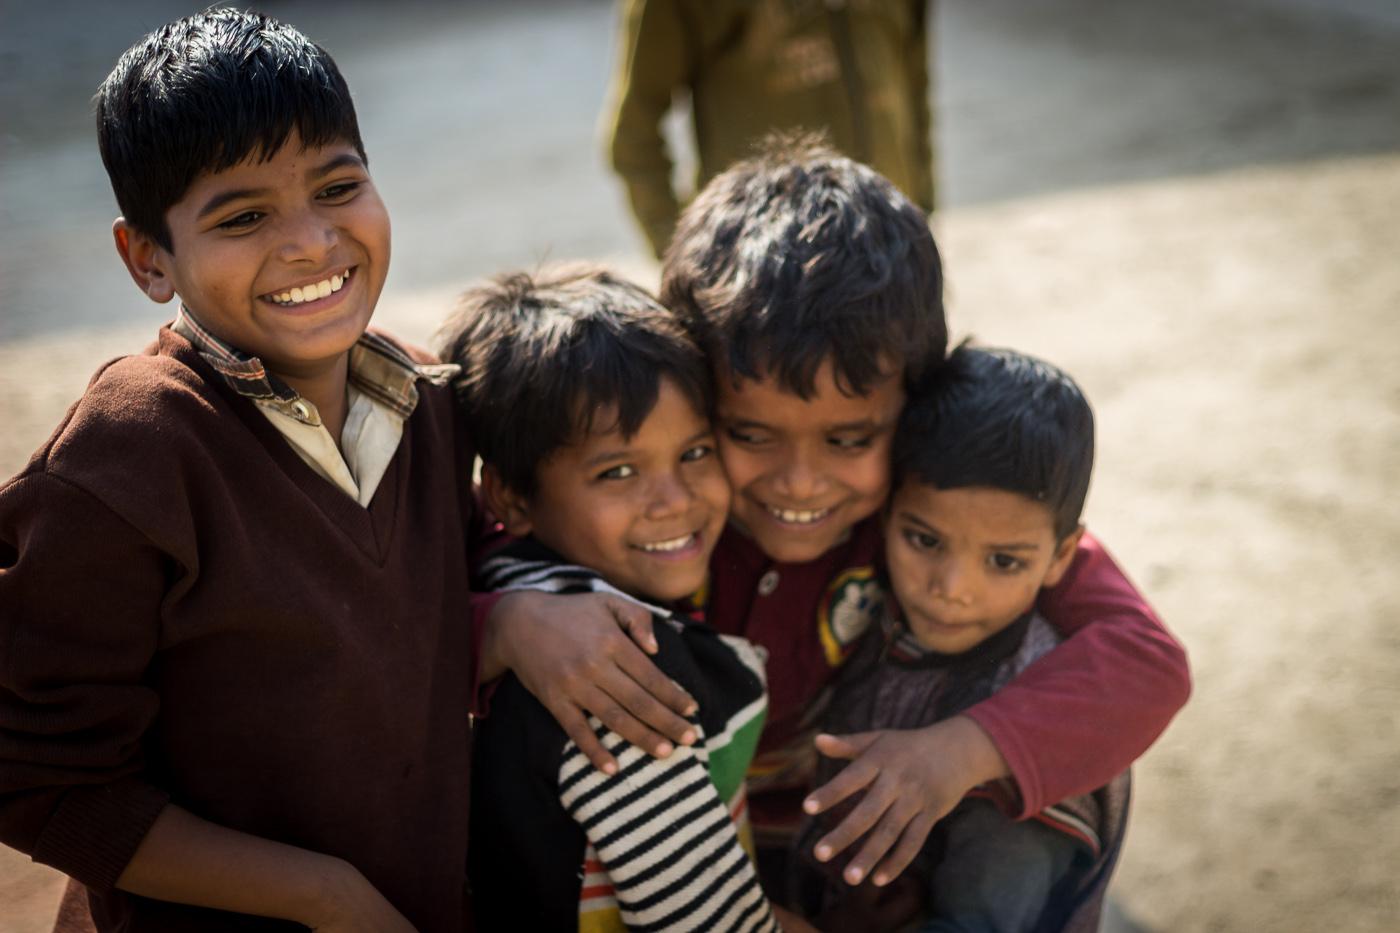 Die Testamentsgestaltung kann Kindern zu einer glücklichen und sicheren Zukunft verhelfen.